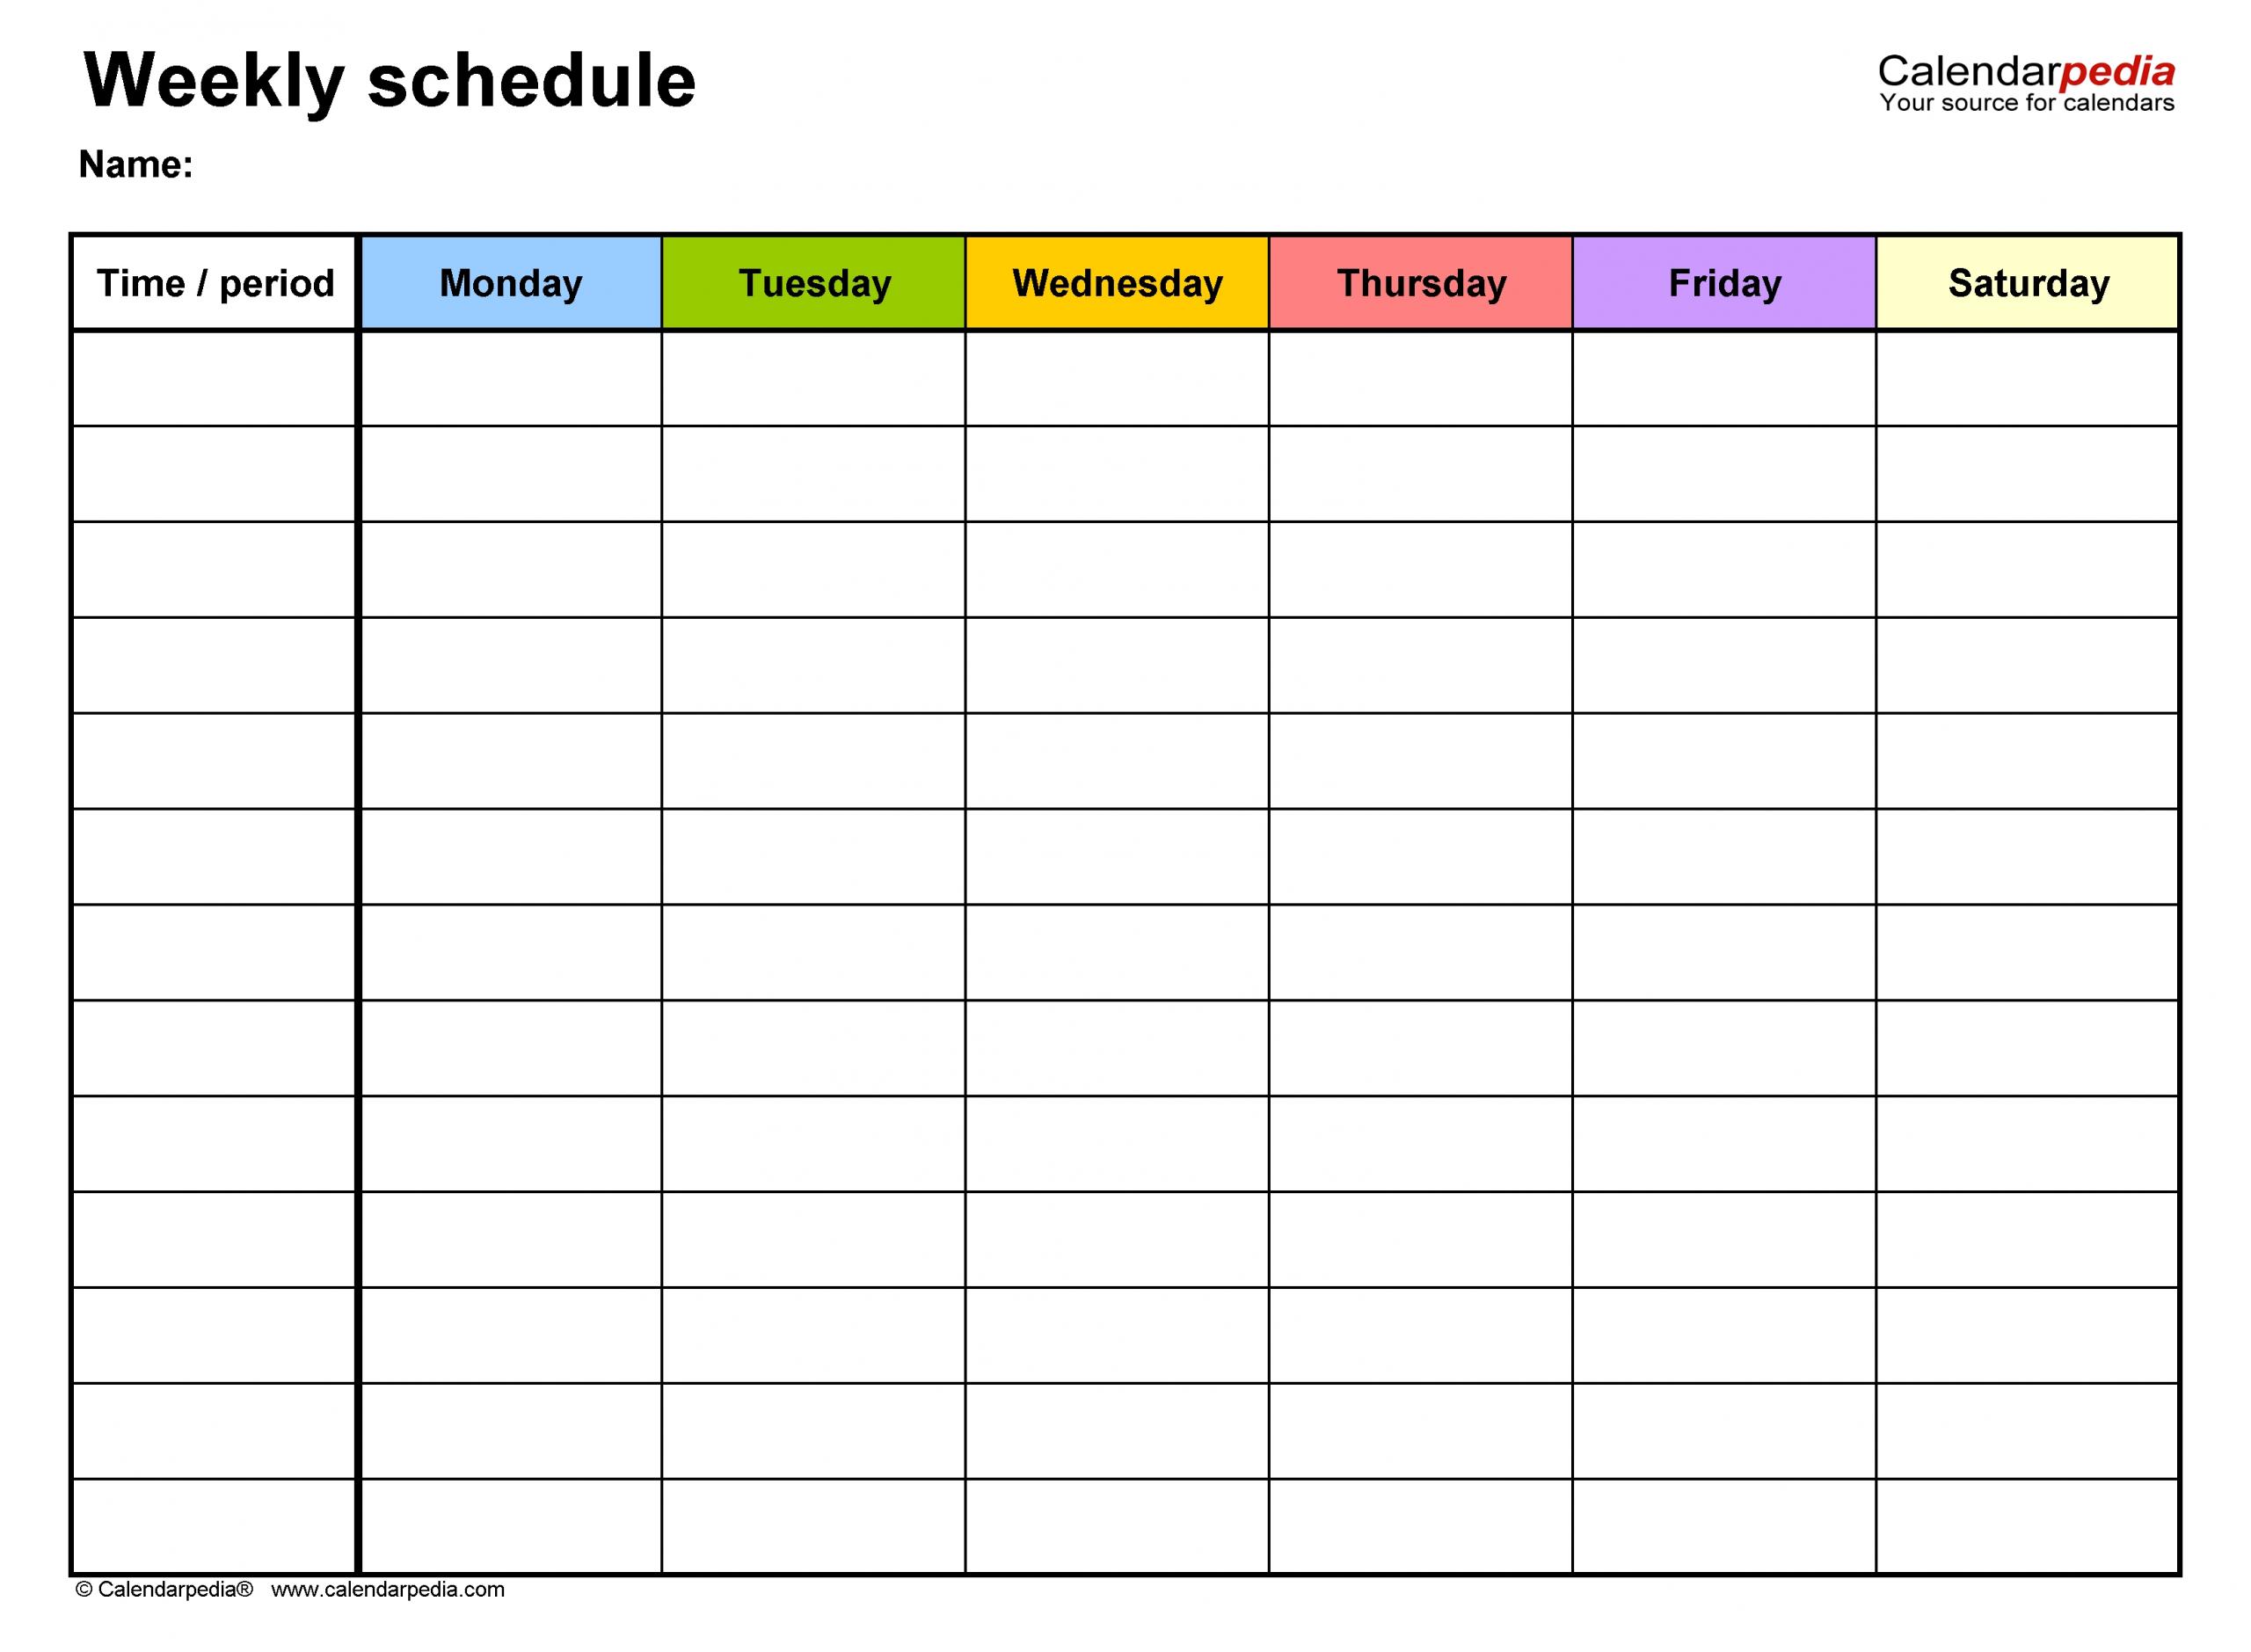 Get 6 Week Blank Schedule Template